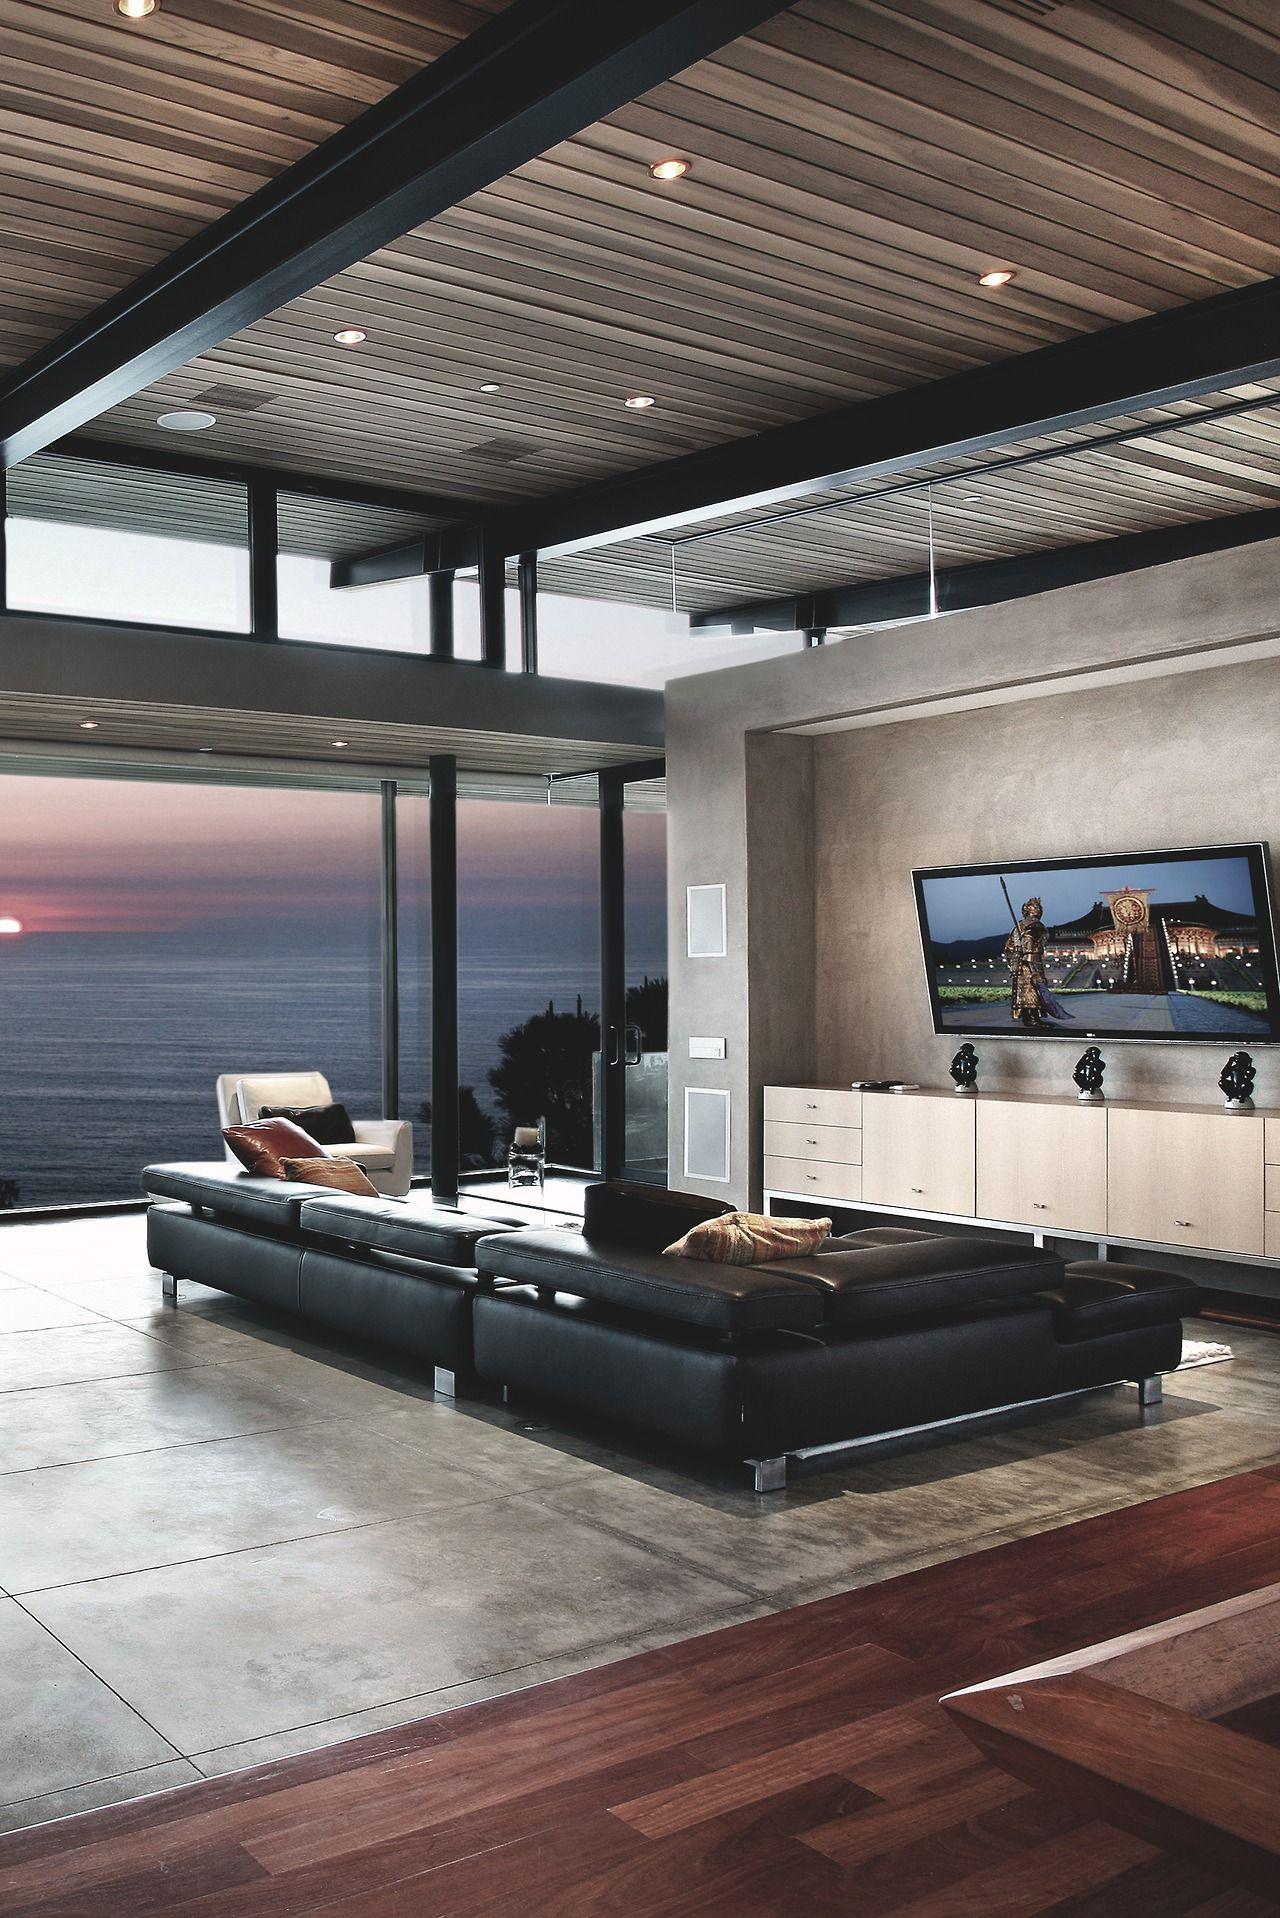 Lasciati ispirare da arredica, una libreria di consigli per arredare la casa. Source Drugera Com Architettura D Interni Design Di Interni Moderno Design Case Moderne